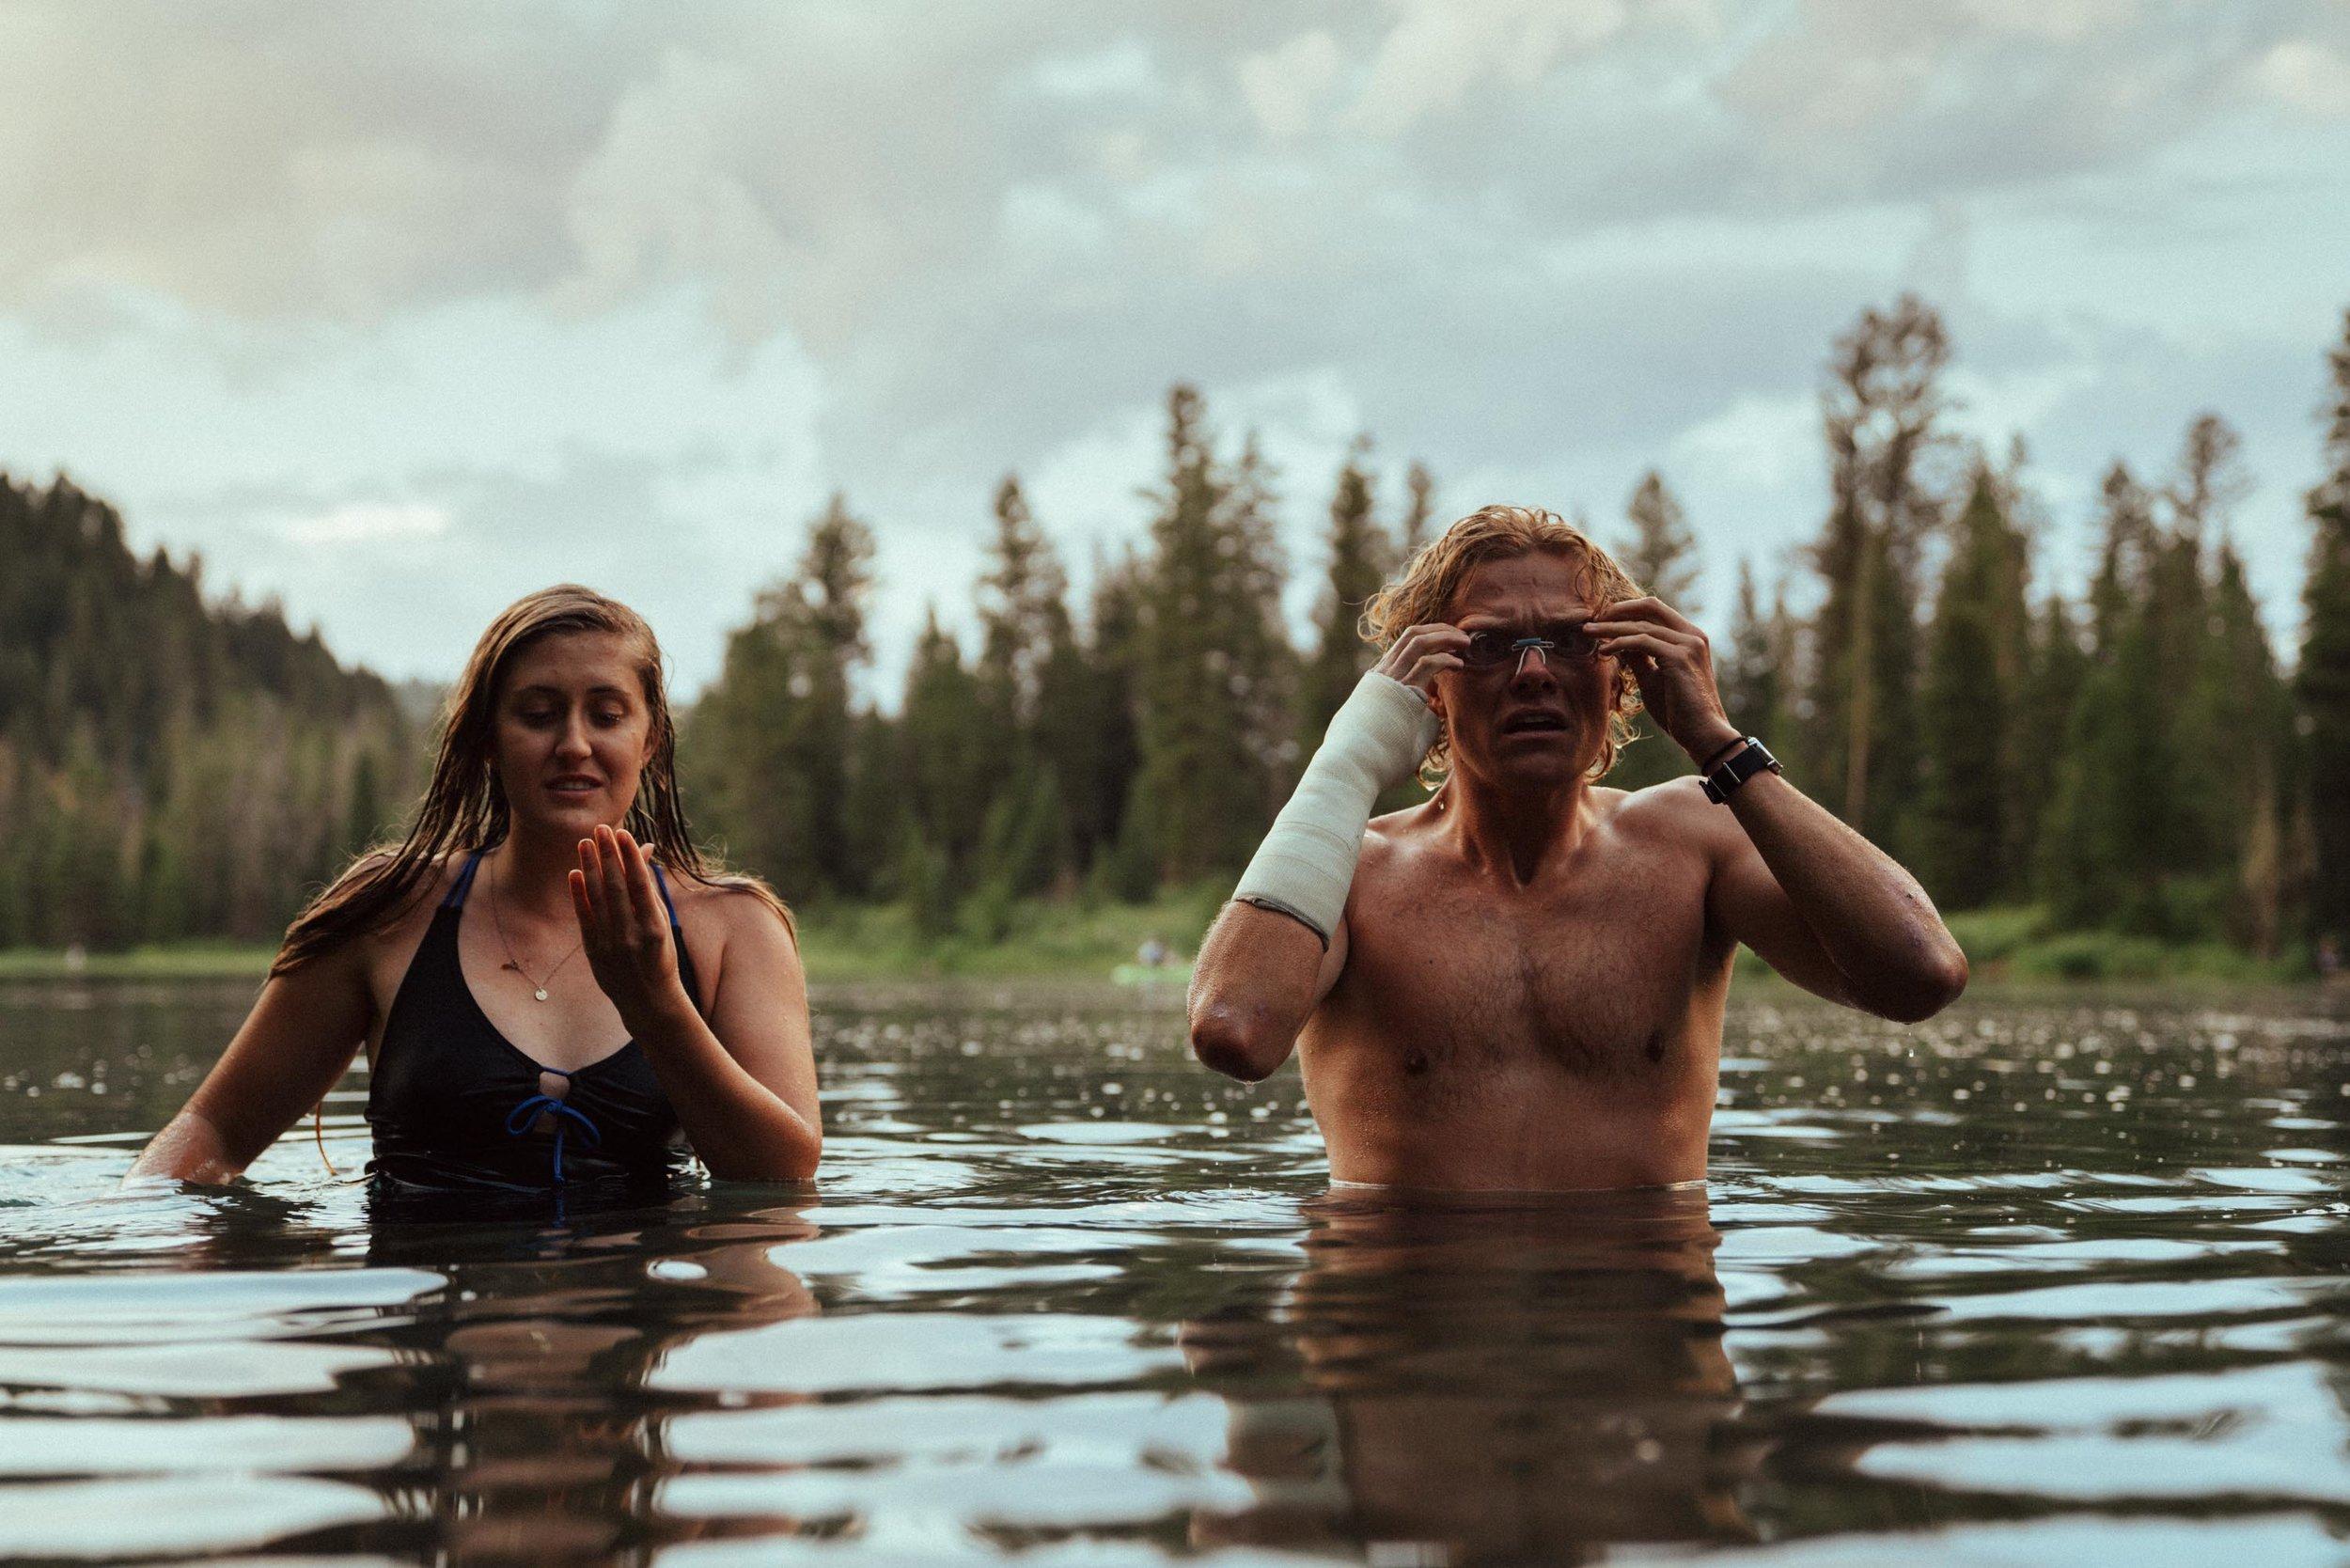 murphy-lake-camping-43.jpg